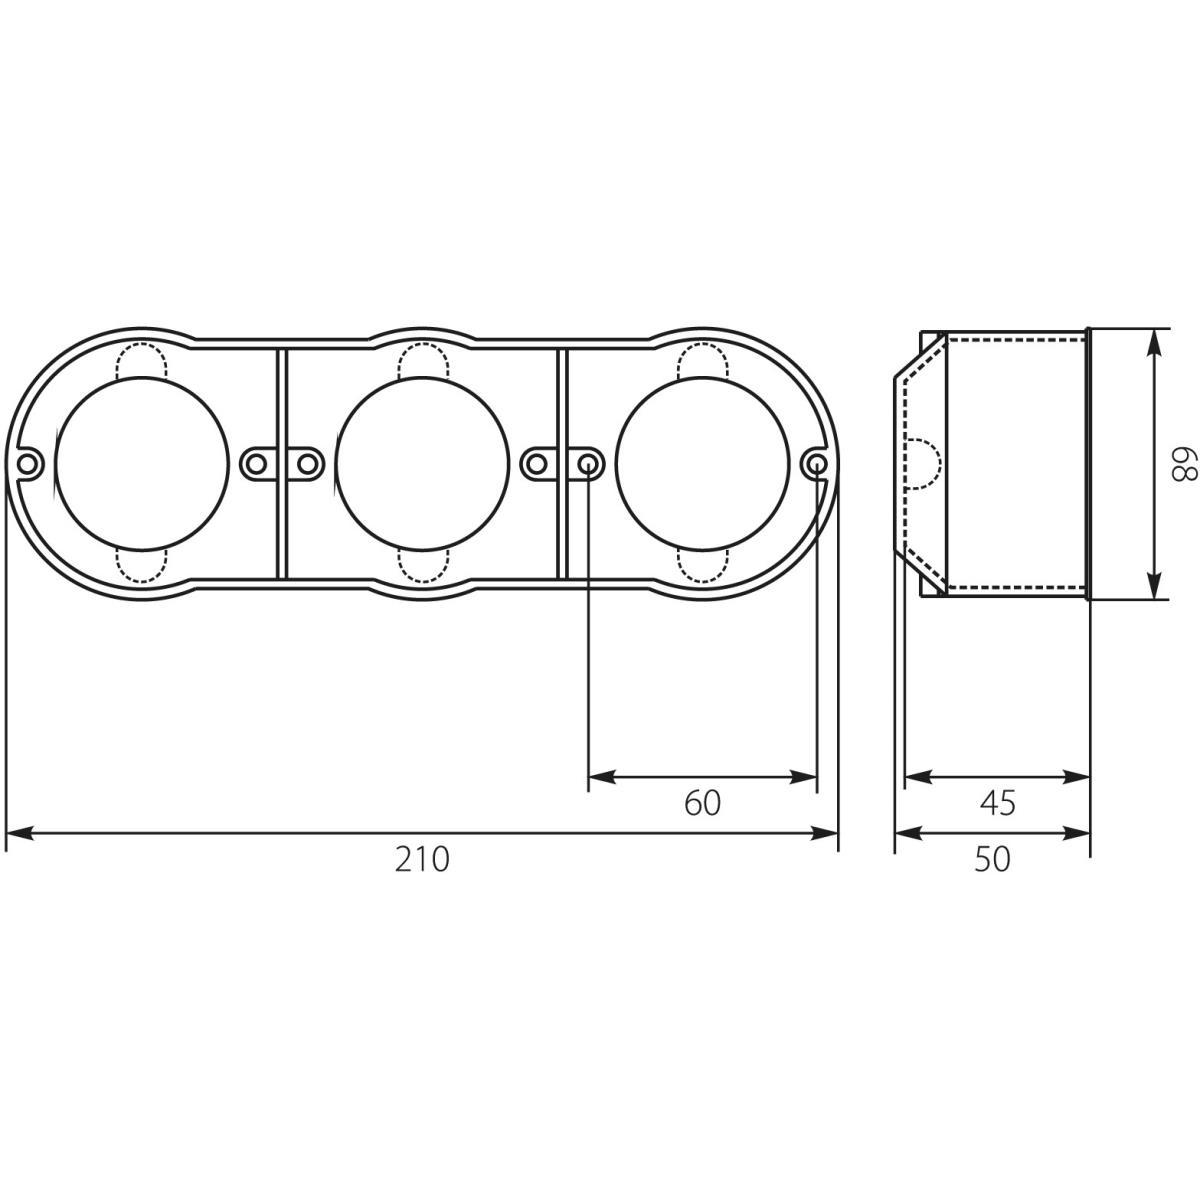 Hohlwanddose 3-fach Abzweigdose Hohlraumdose Dreifach Schalterdose Ø60x50mm,ELEKTRO-PLAST,13.73, 5905548283562